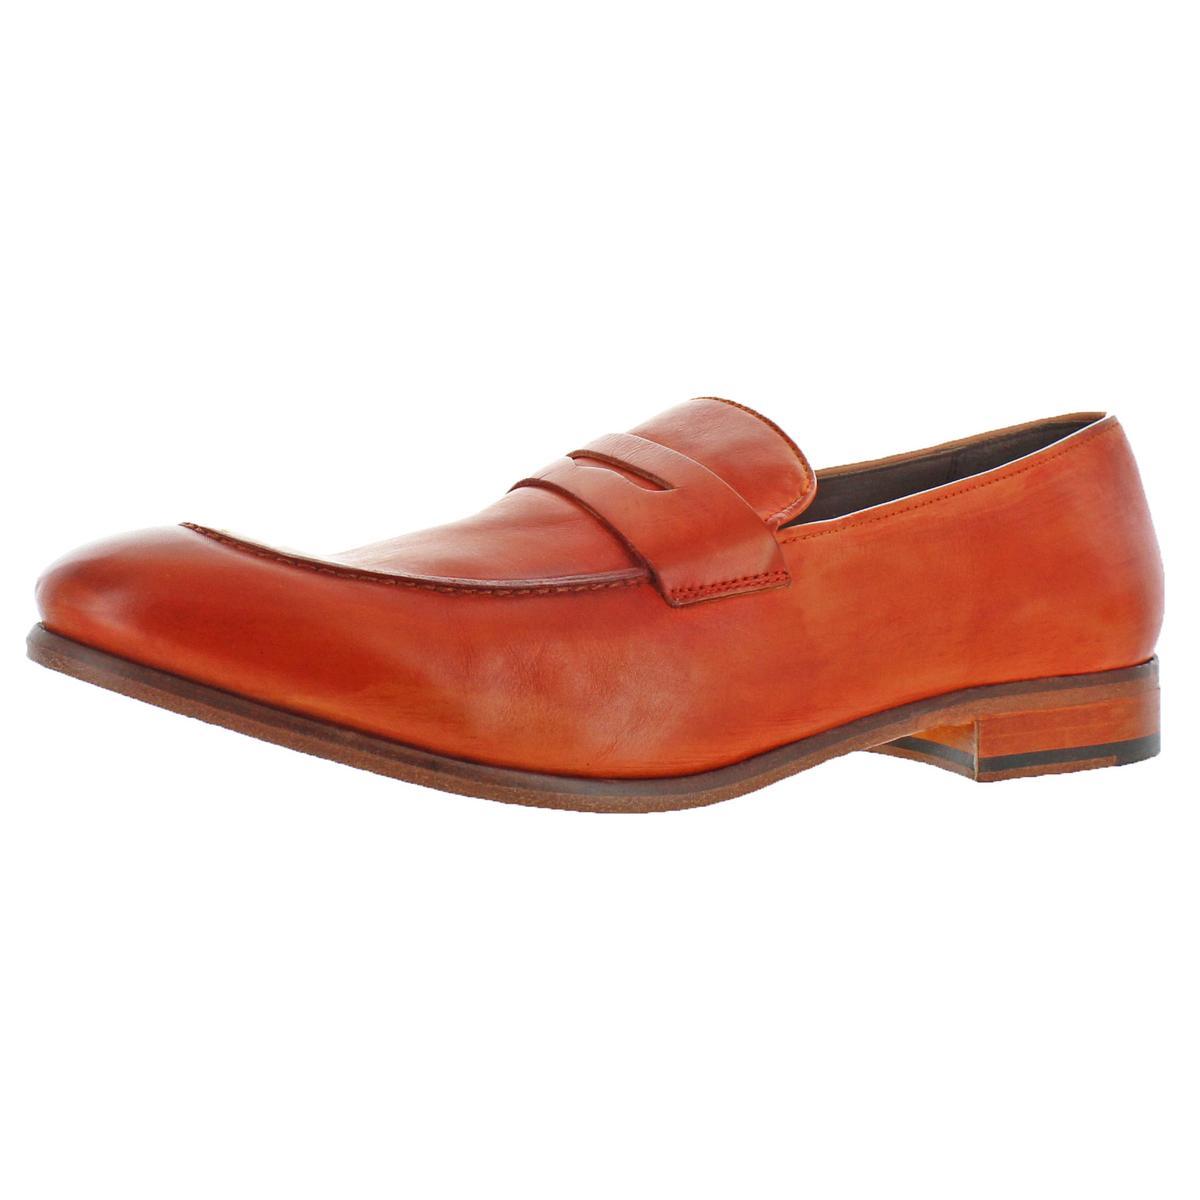 il più economico Donald J. Pliner Uomo Zan Leather Slip Slip Slip On Dress Penny Loafers scarpe BHFO 0741  con il prezzo economico per ottenere la migliore marca